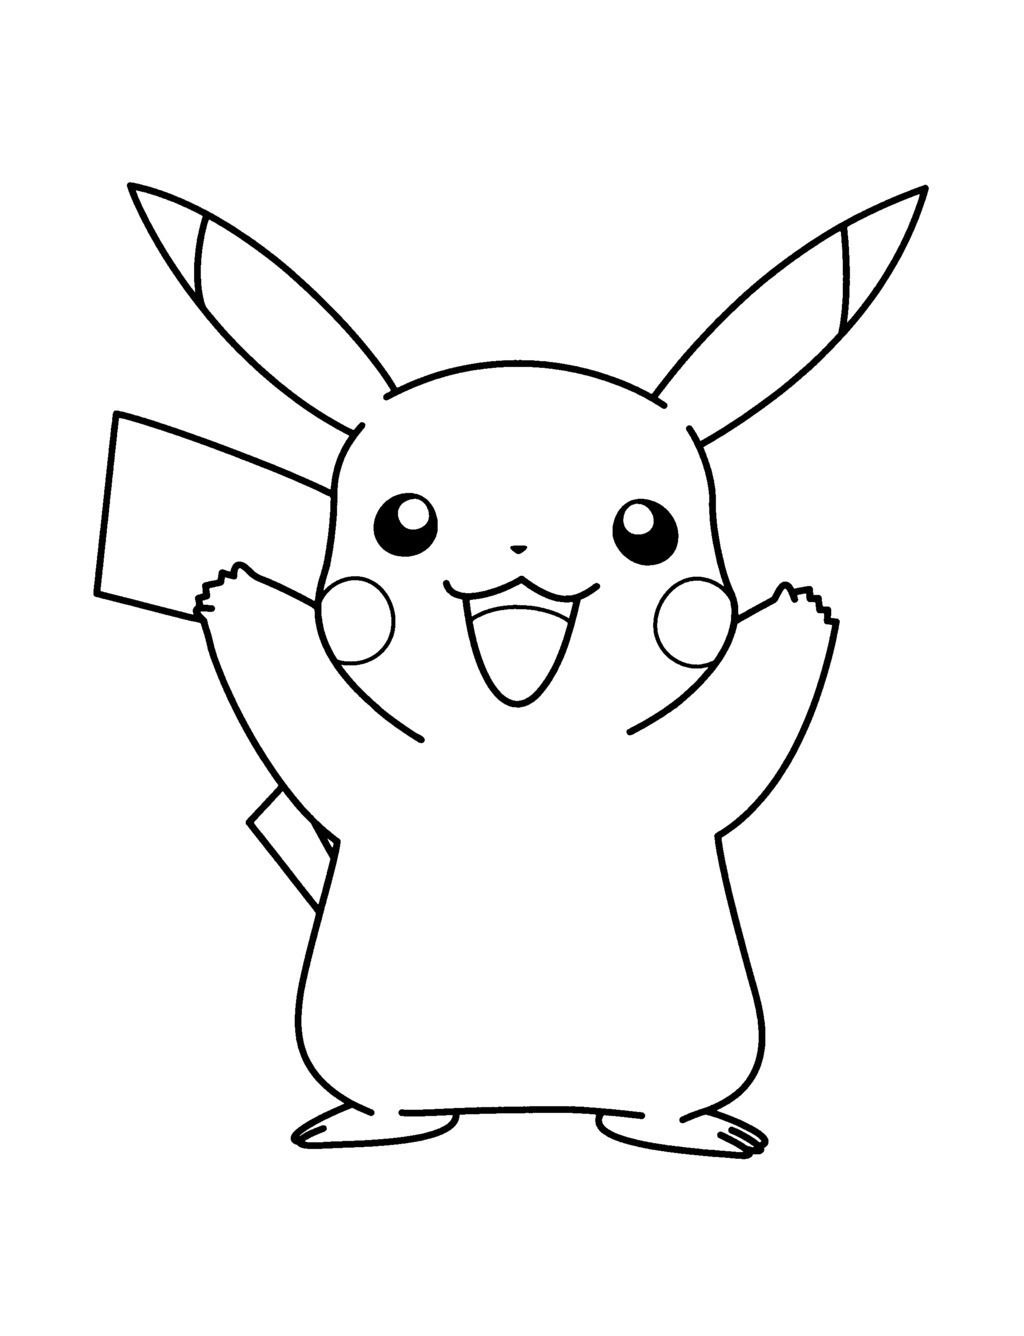 Dibujos De Pikachu Para Colorear Children Coloring En 2020